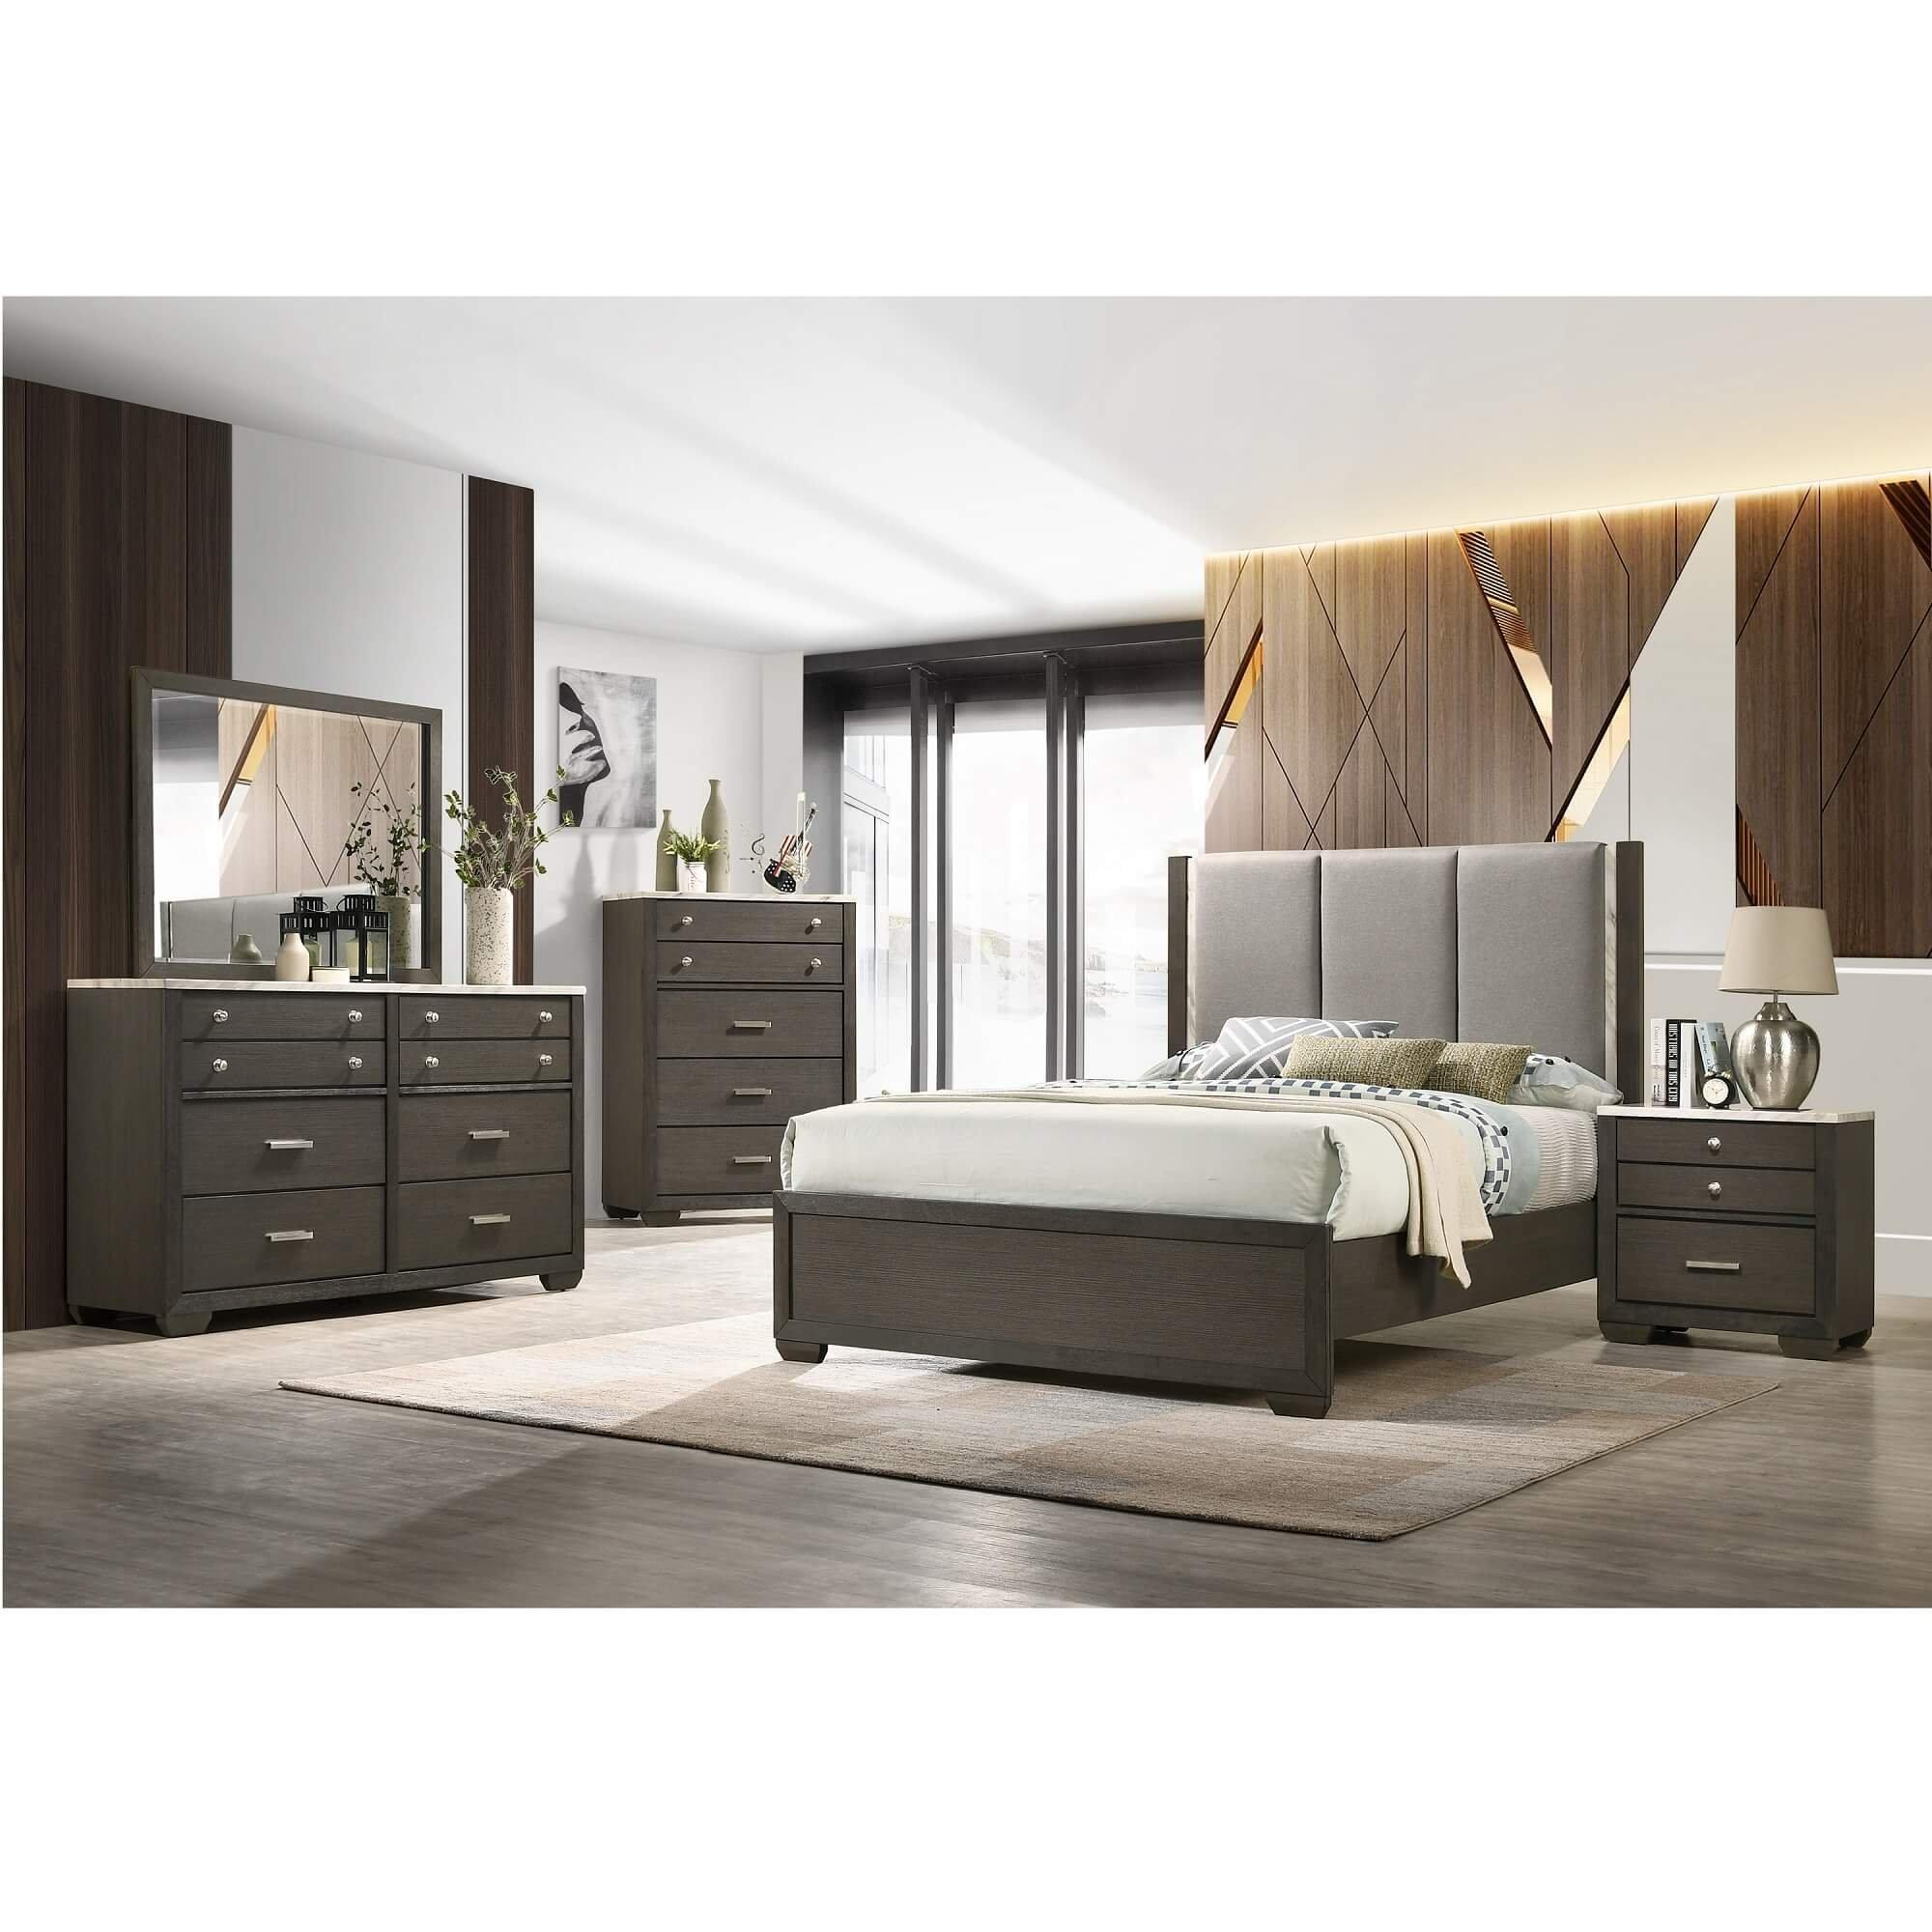 7 piece milan queen bedroom collection